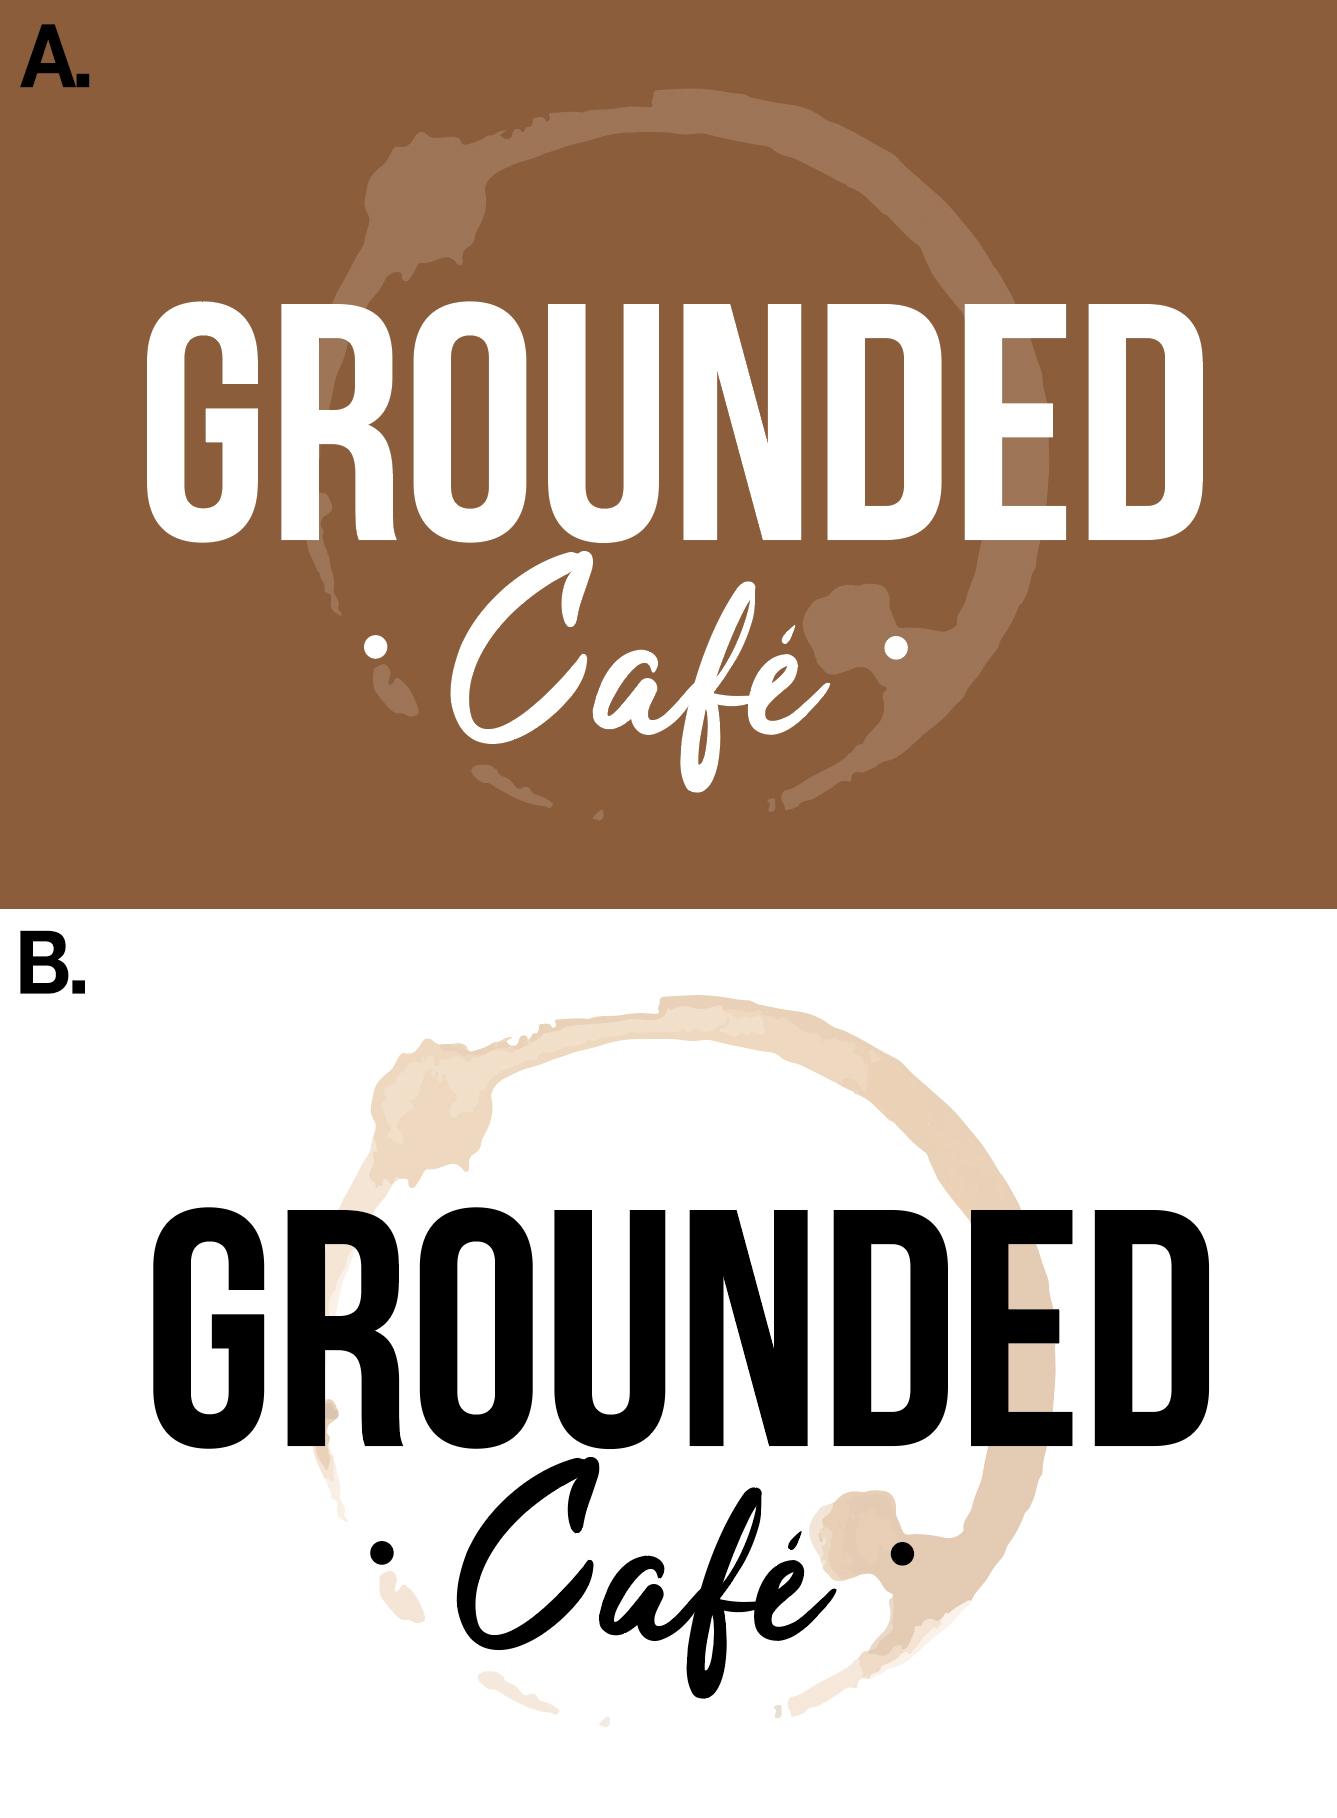 Grounded Cafe - Logo Design